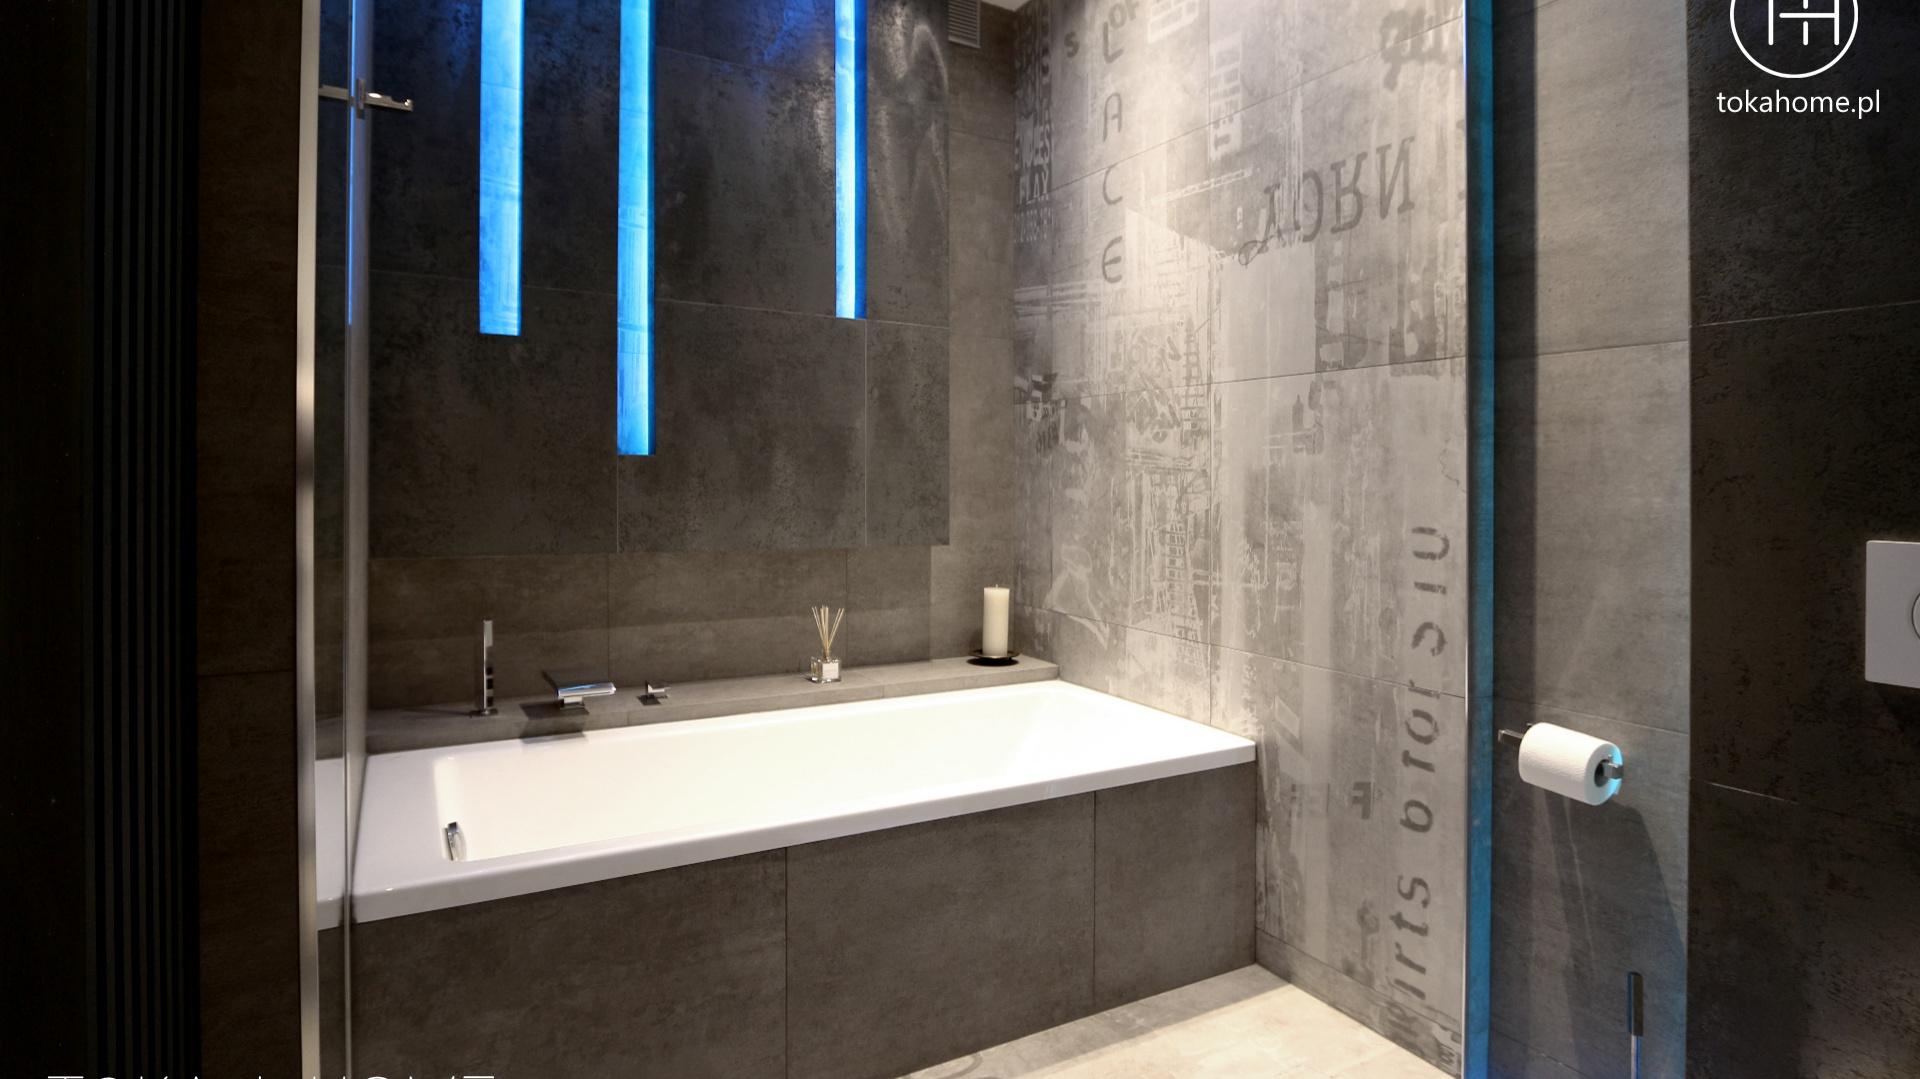 Chłodna elegancja czyli beton w łazience. Projekt TOKA + HOME. Fot. Archiconnect.pl